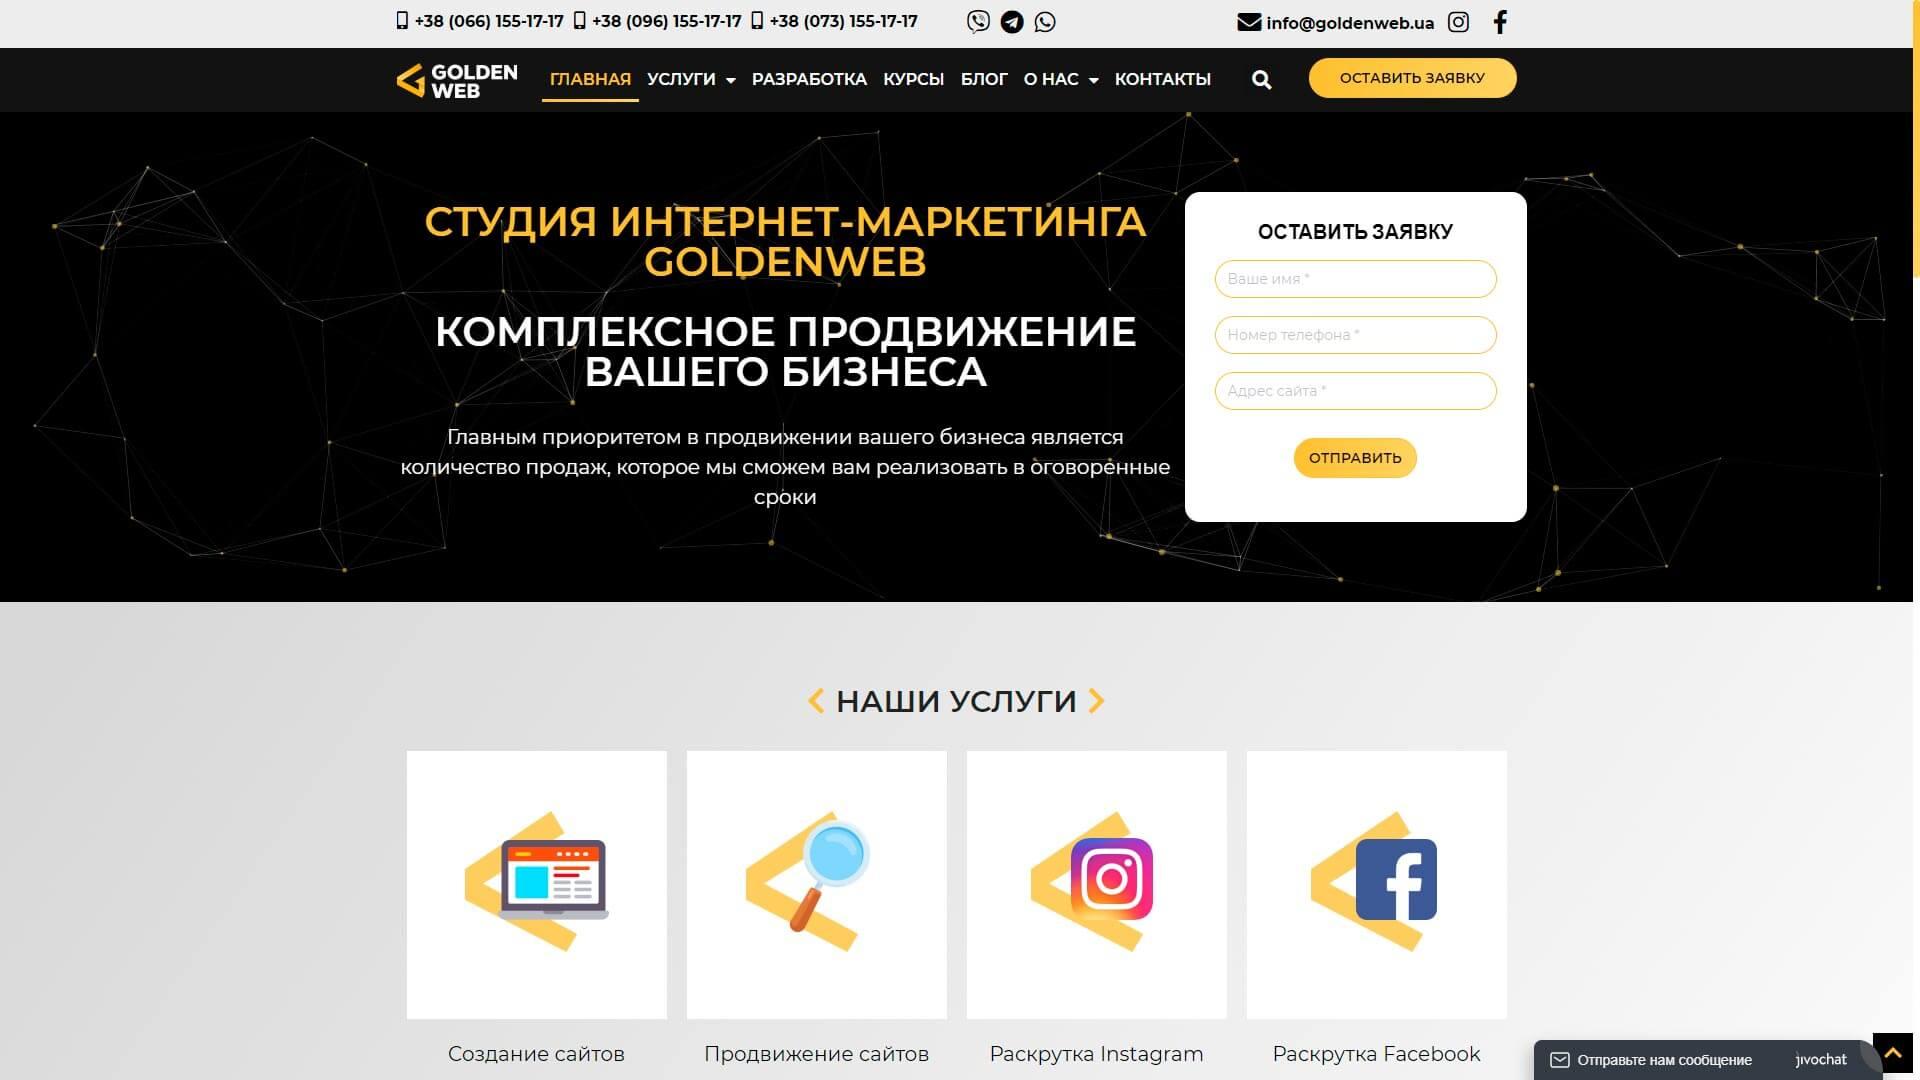 GoldenWeb - обзор компании, услуги, отзывы, клиенты, Фото № 1 - google-seo.pro